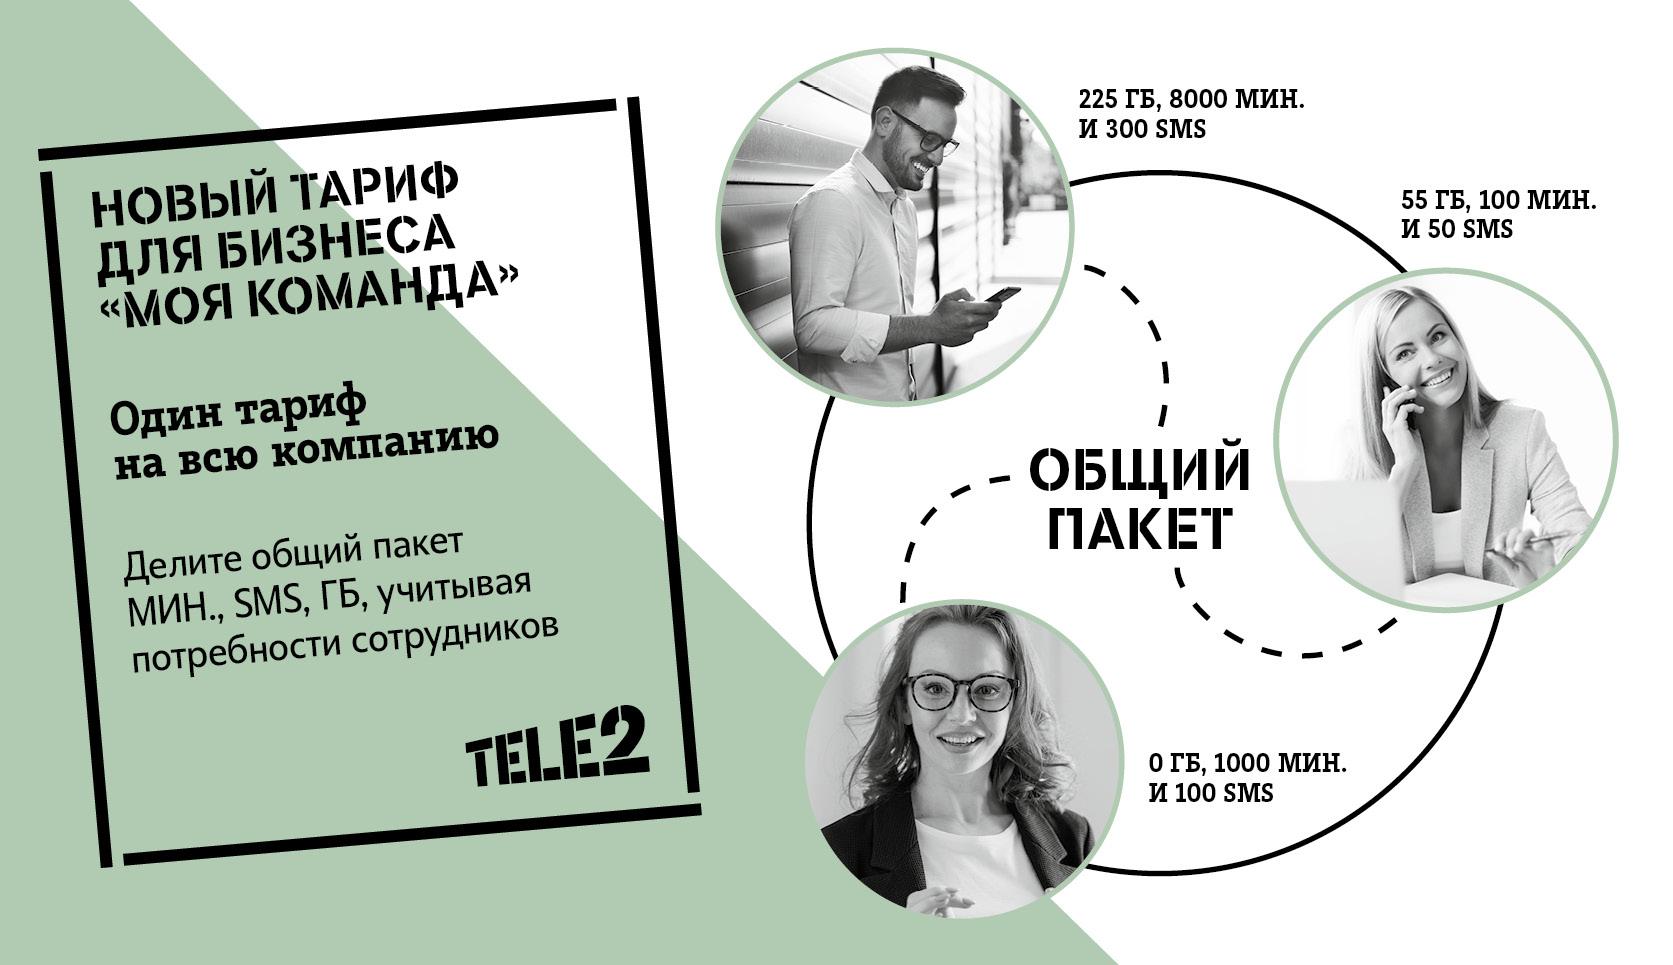 Tele2 запустила общий корпоративный тариф для всей компании 1